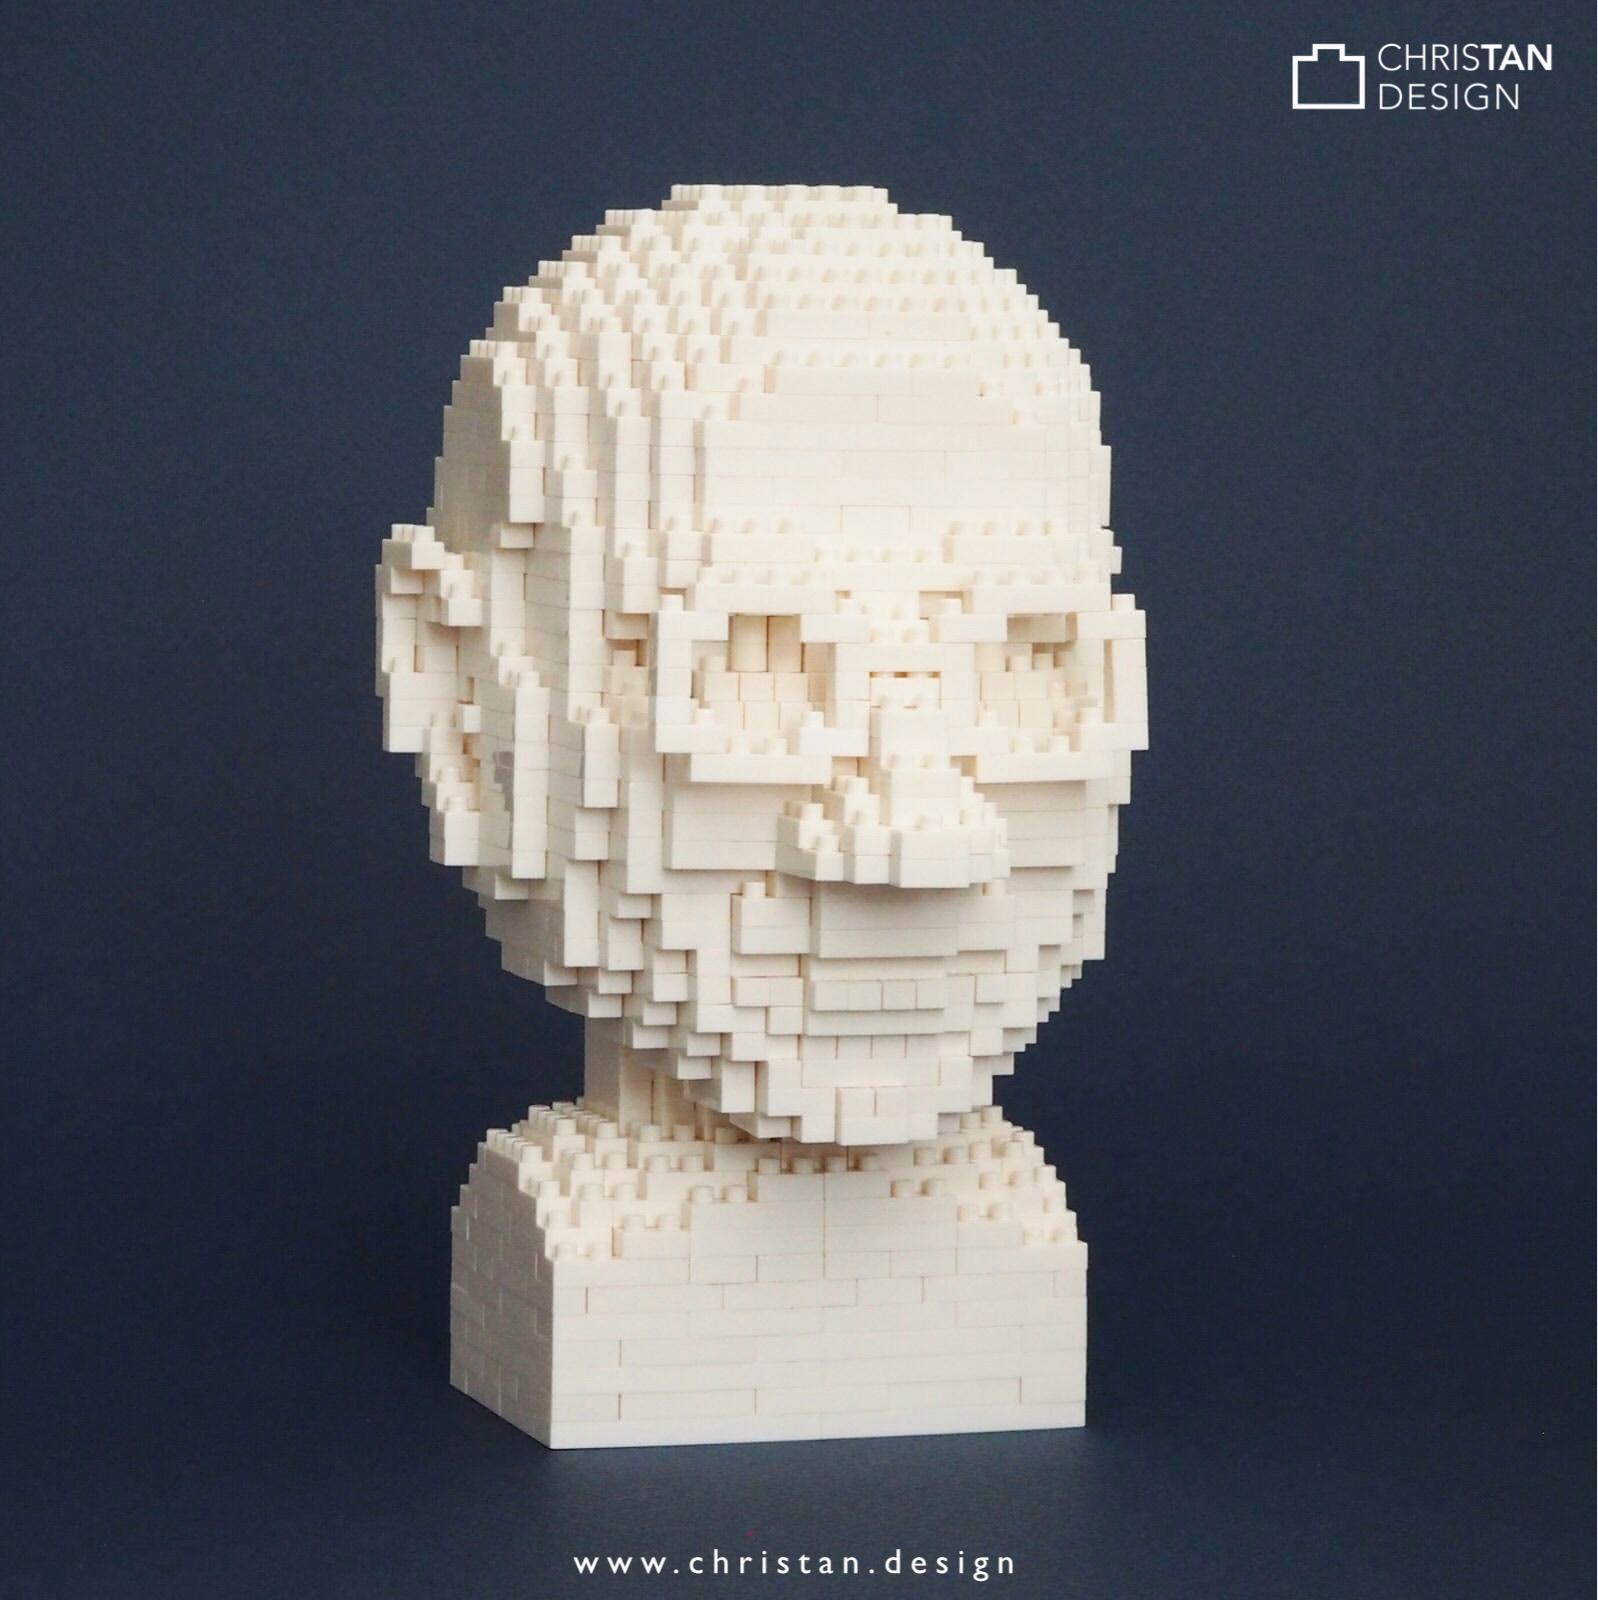 nanoblock Steve Jobs Bust